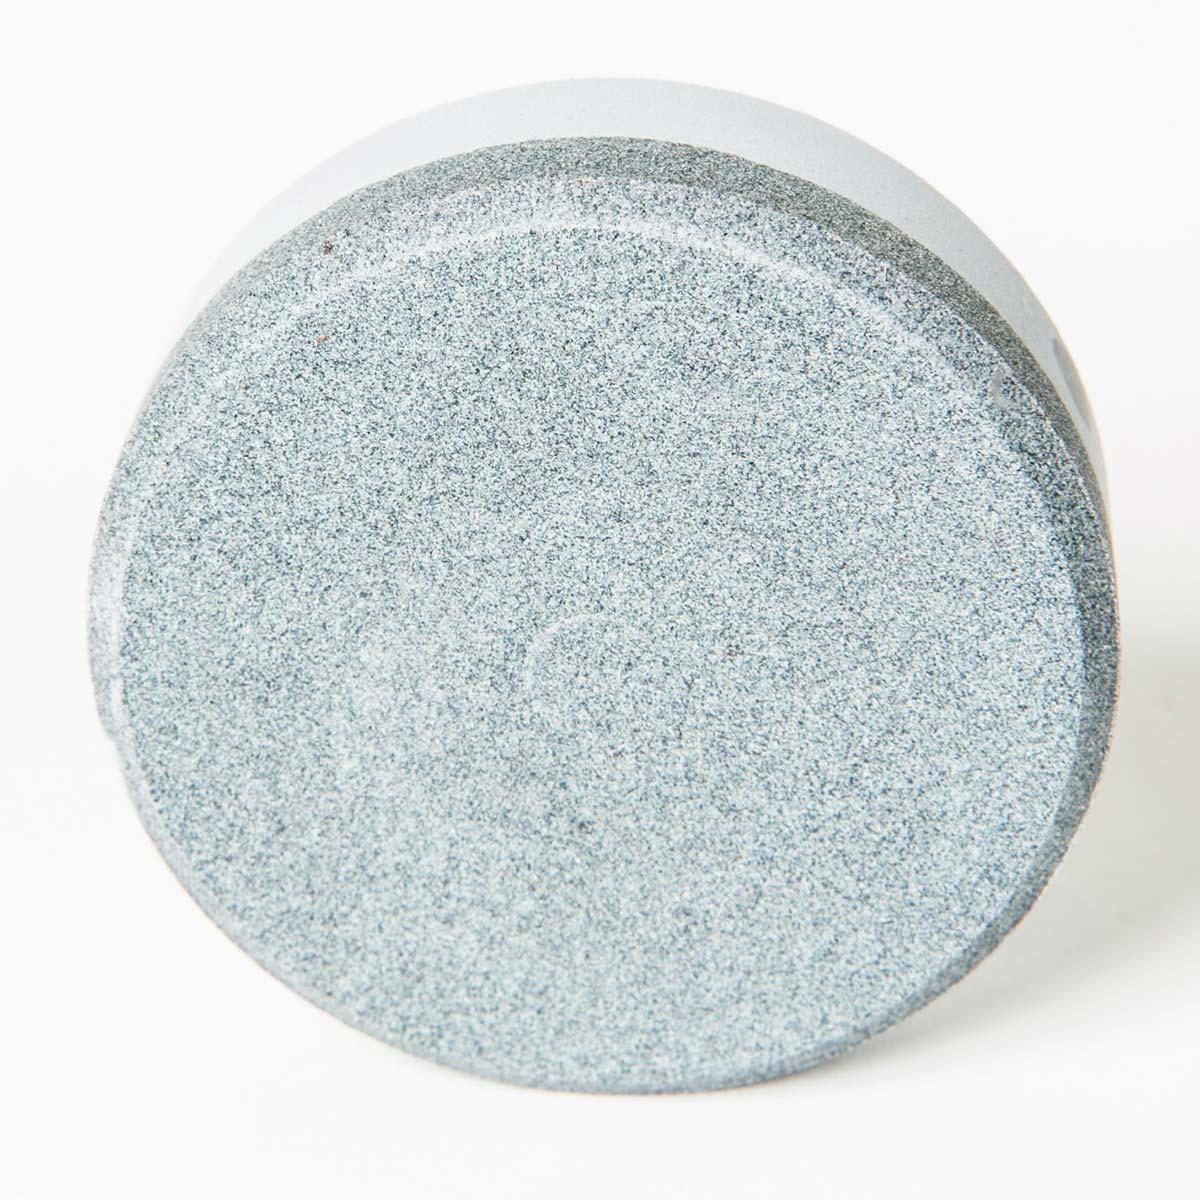 Axe Ceramic Stone By Gransfors Bruks Boundary Waters Catalog